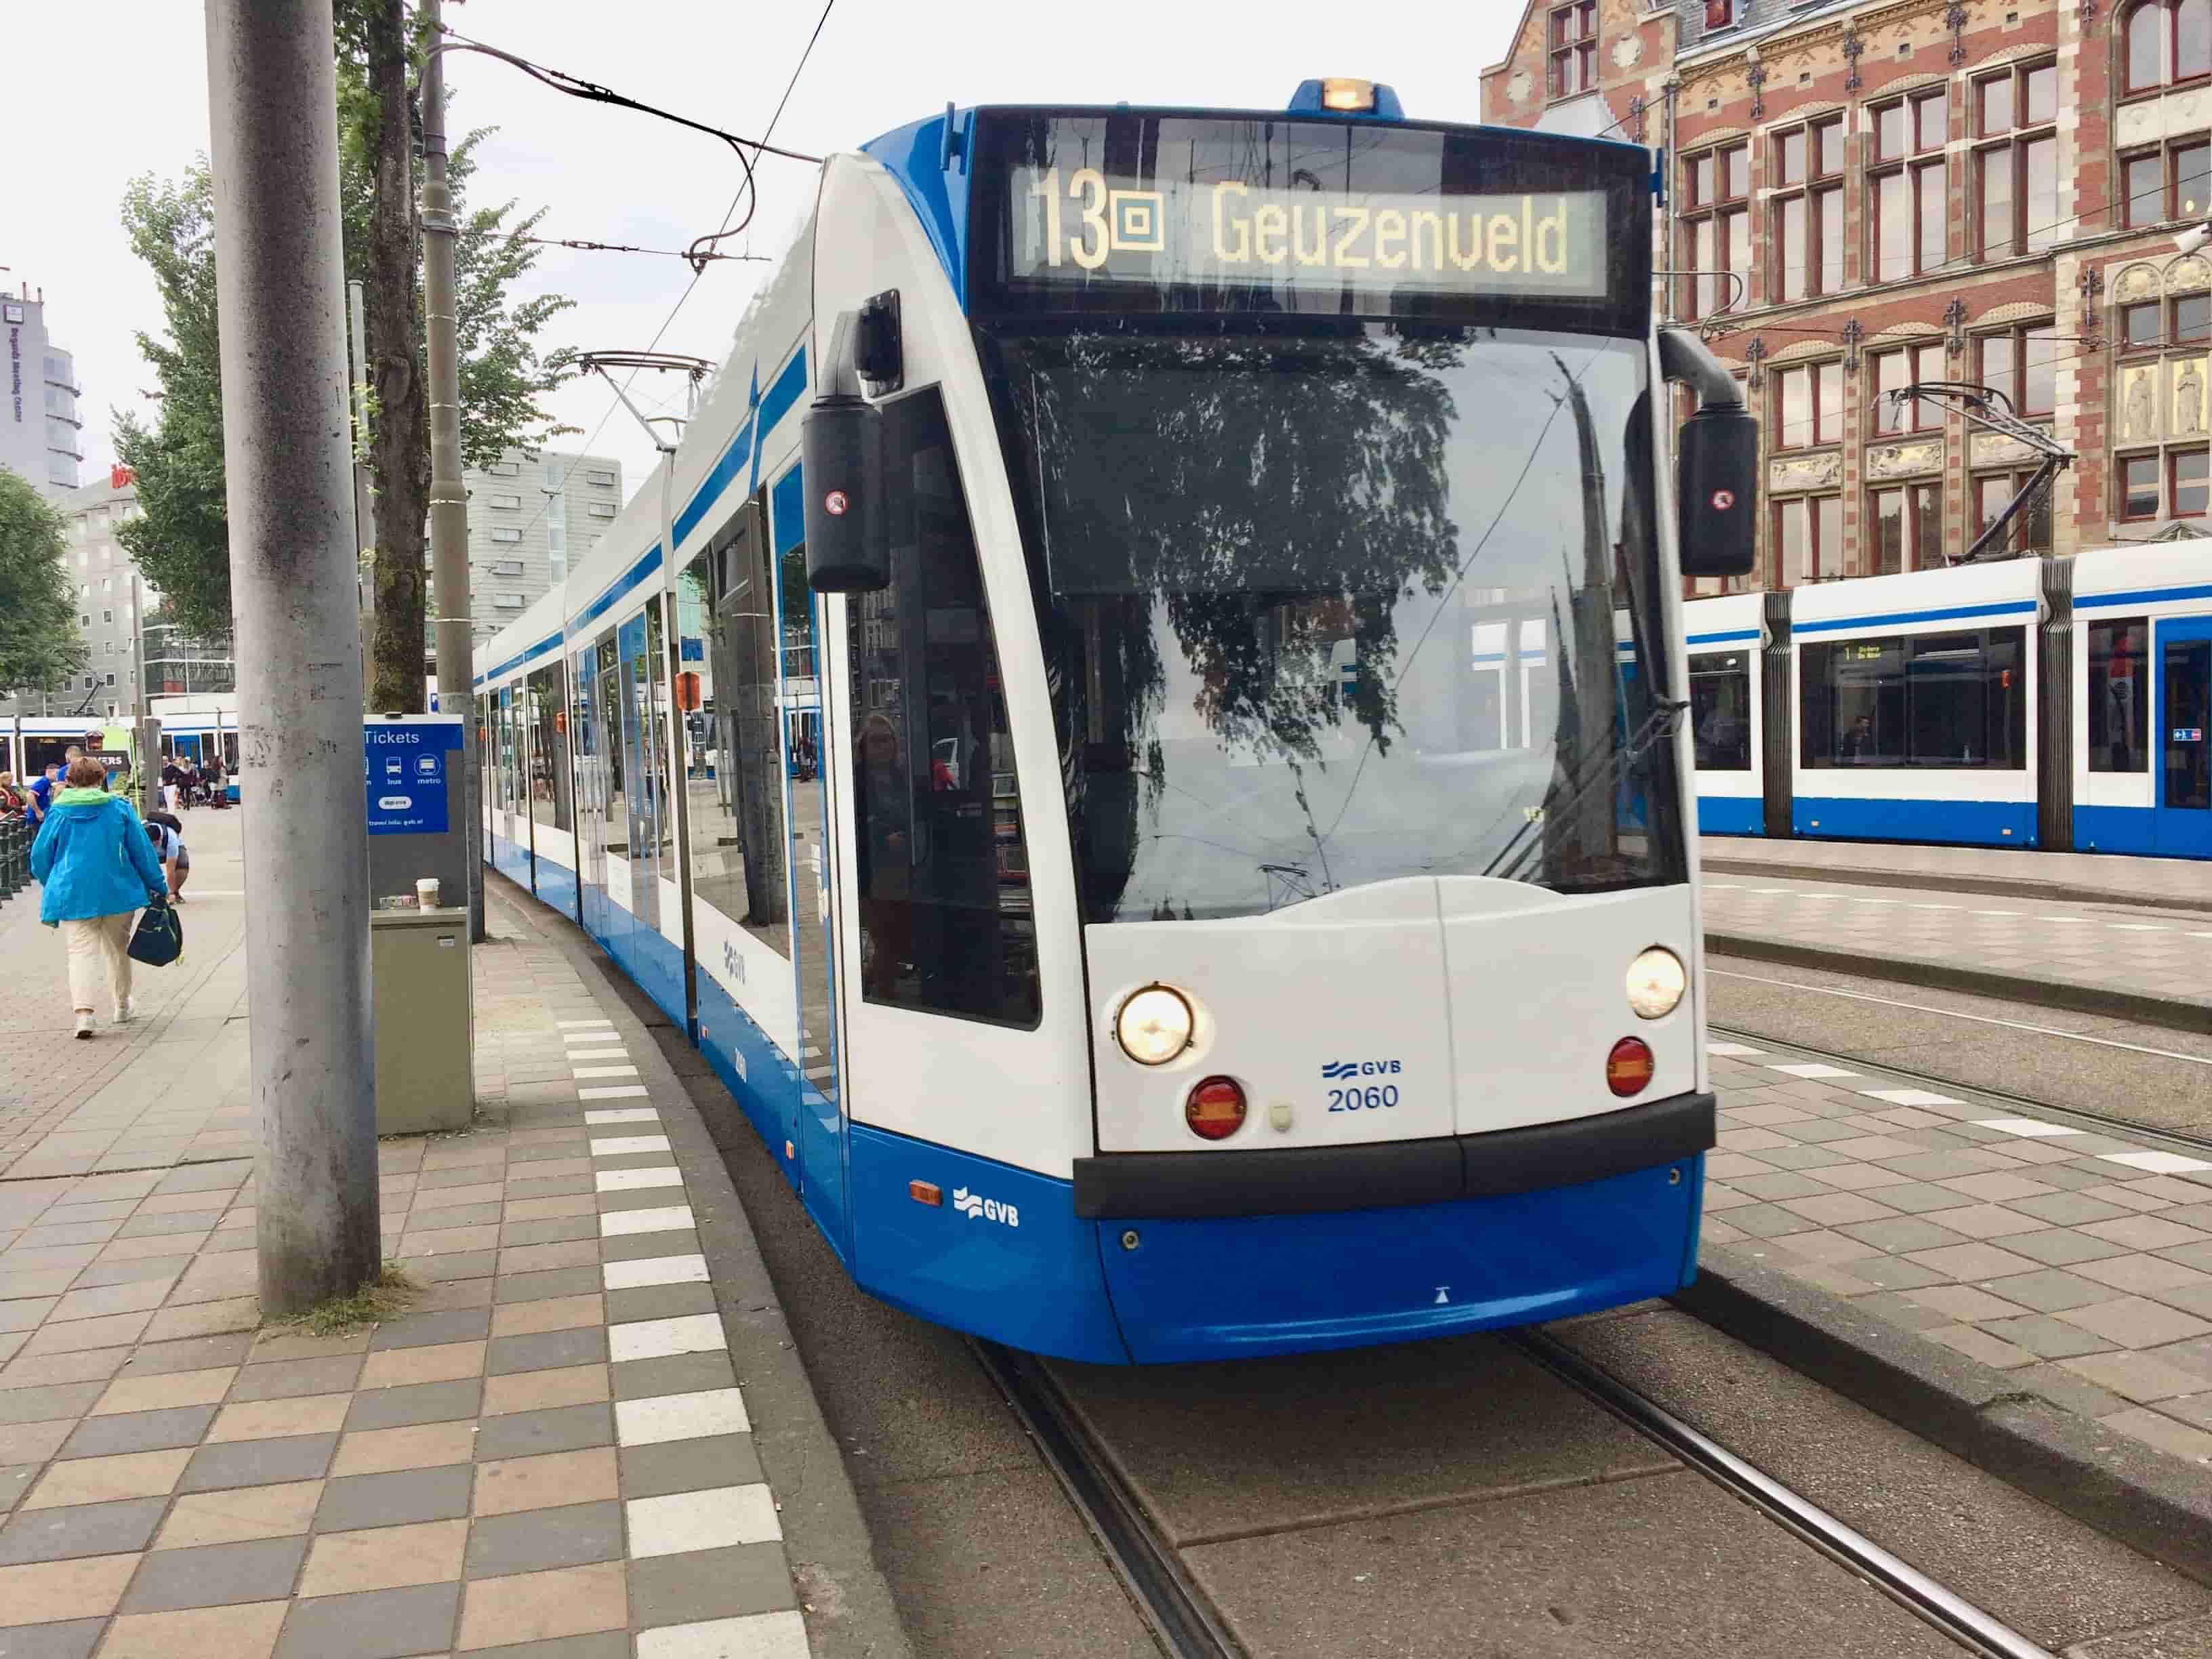 Parada del tranvía en Estación Central Amsterdam